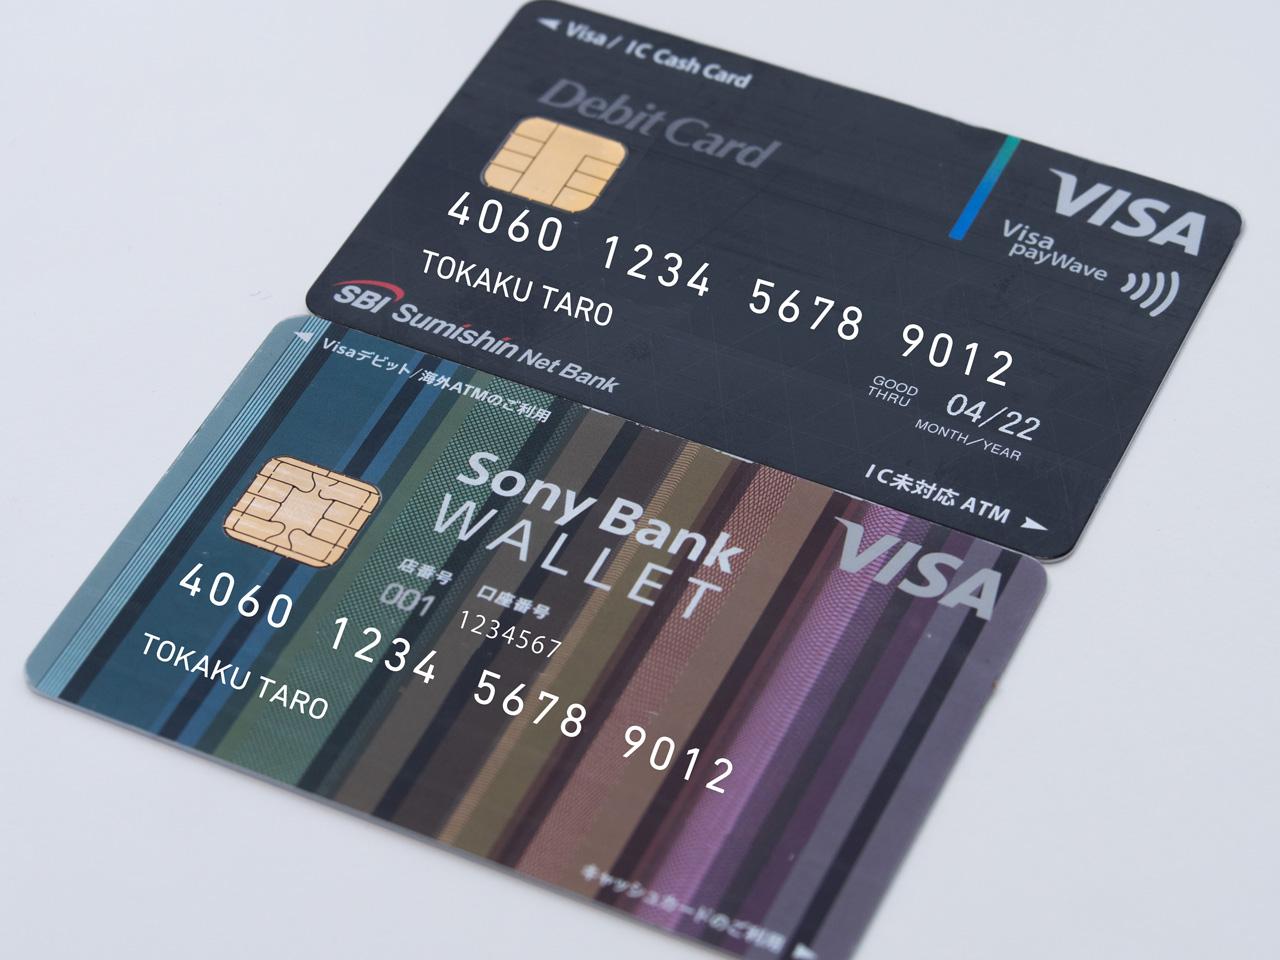 デビットカード2枚の画像